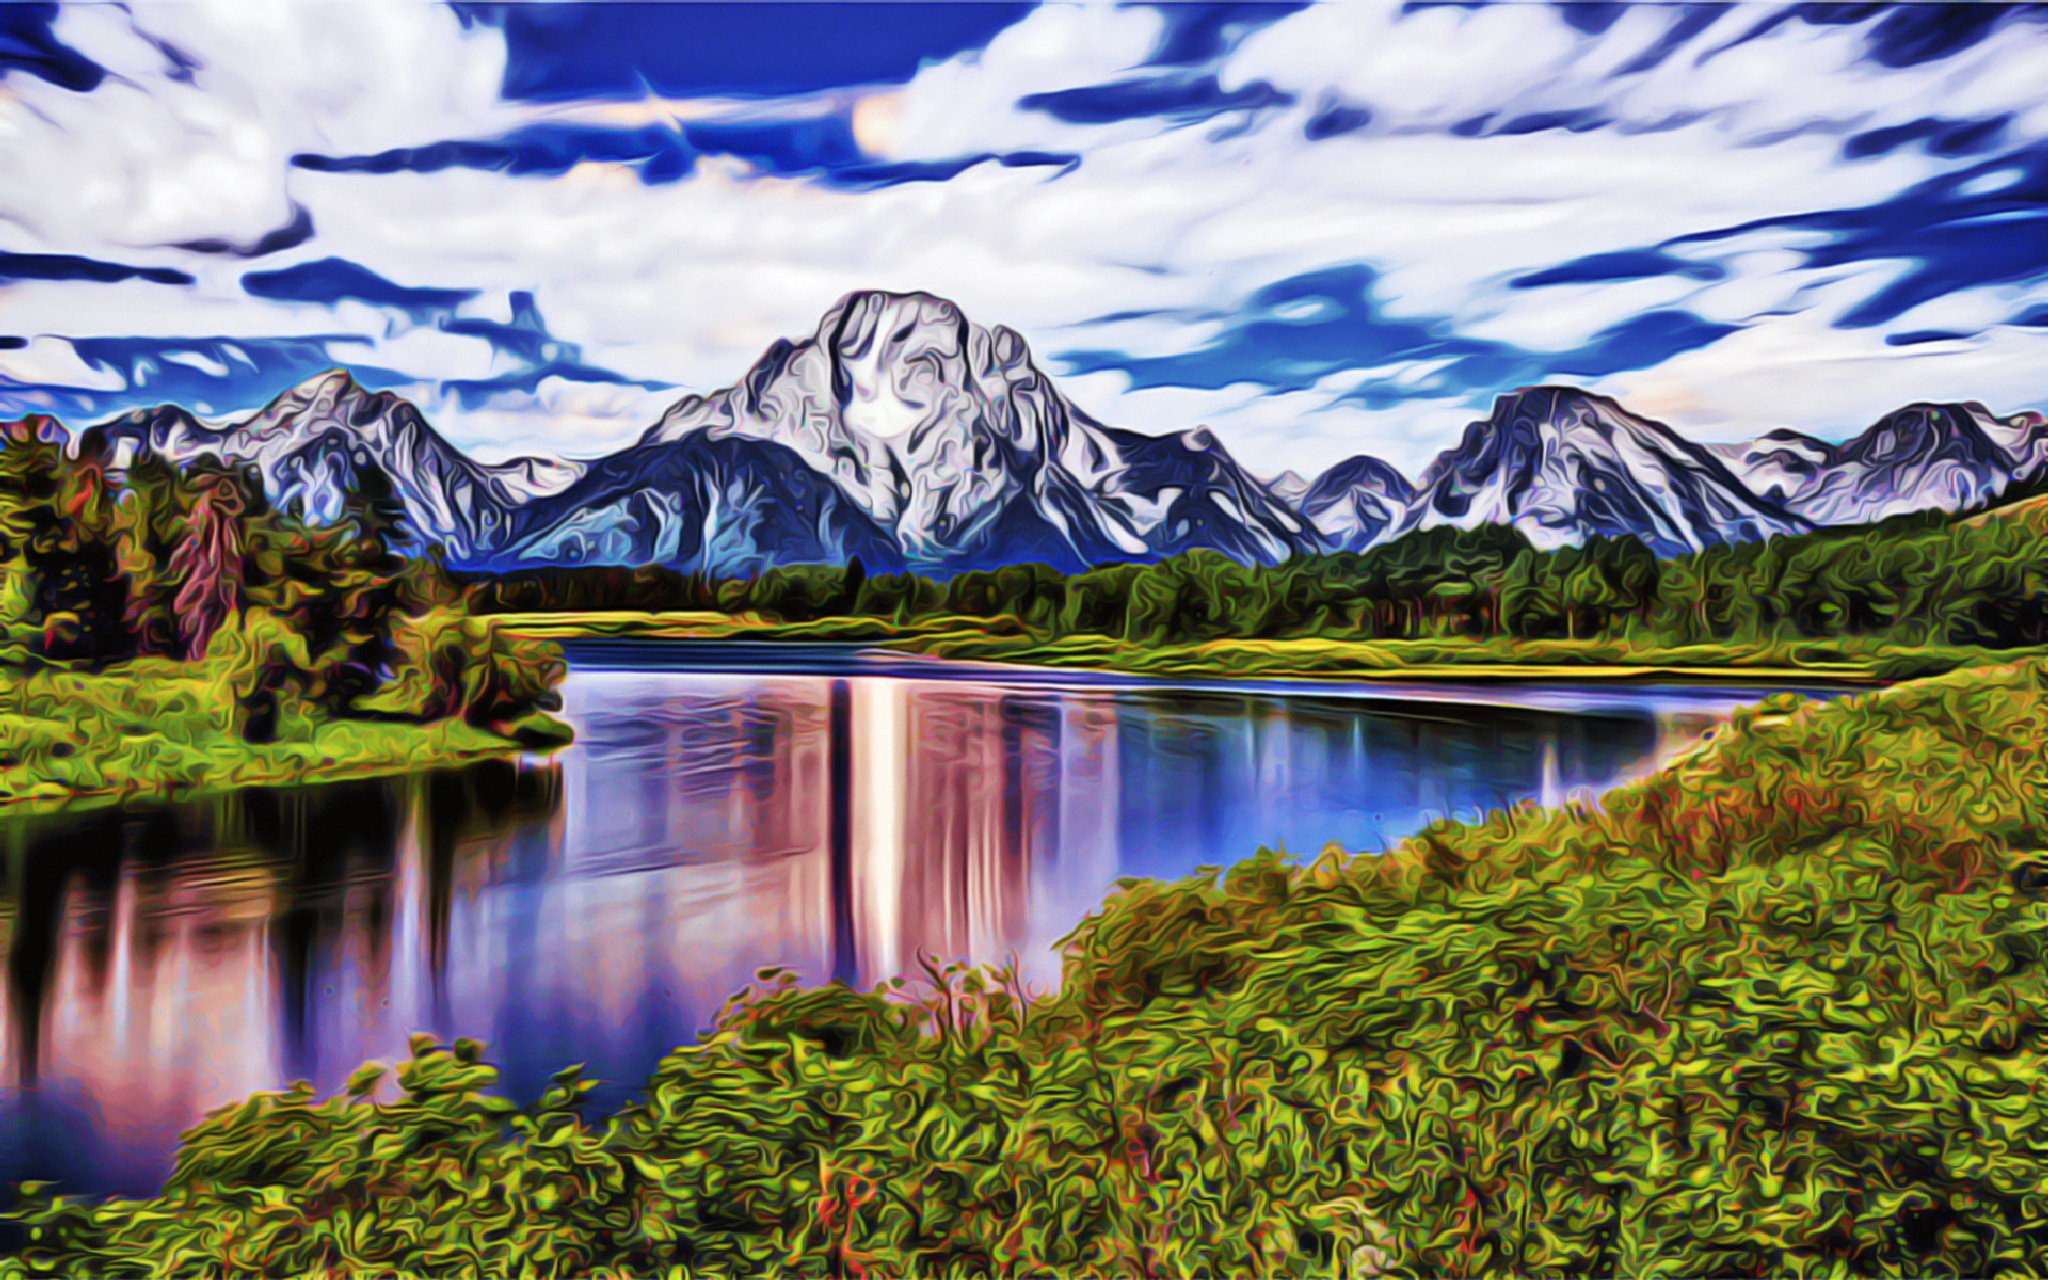 The Ski Resort by zertium